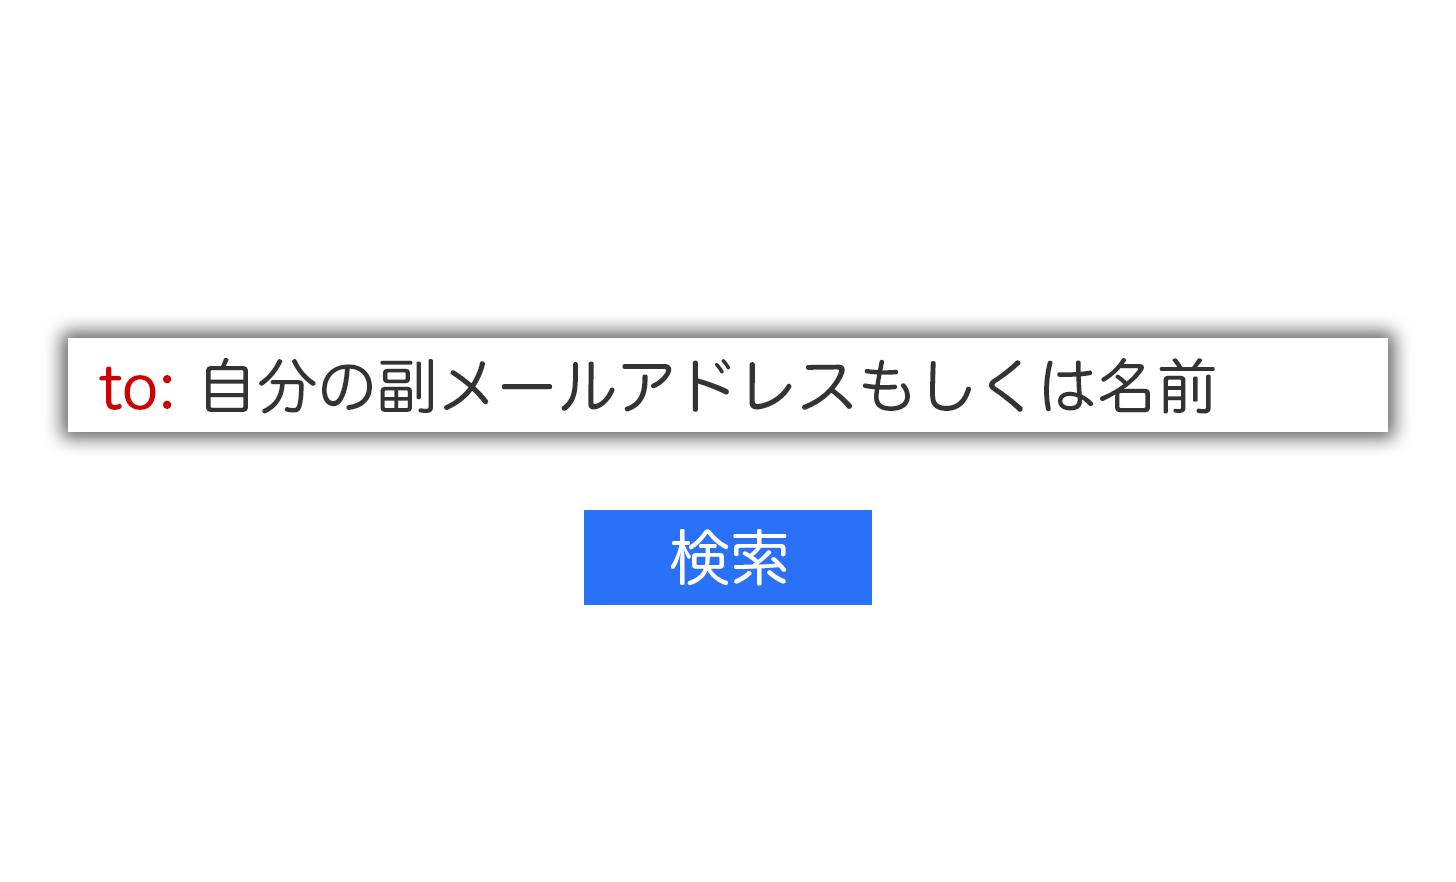 Gmailで自分宛の副メールアドレスに絞って検索する方法。